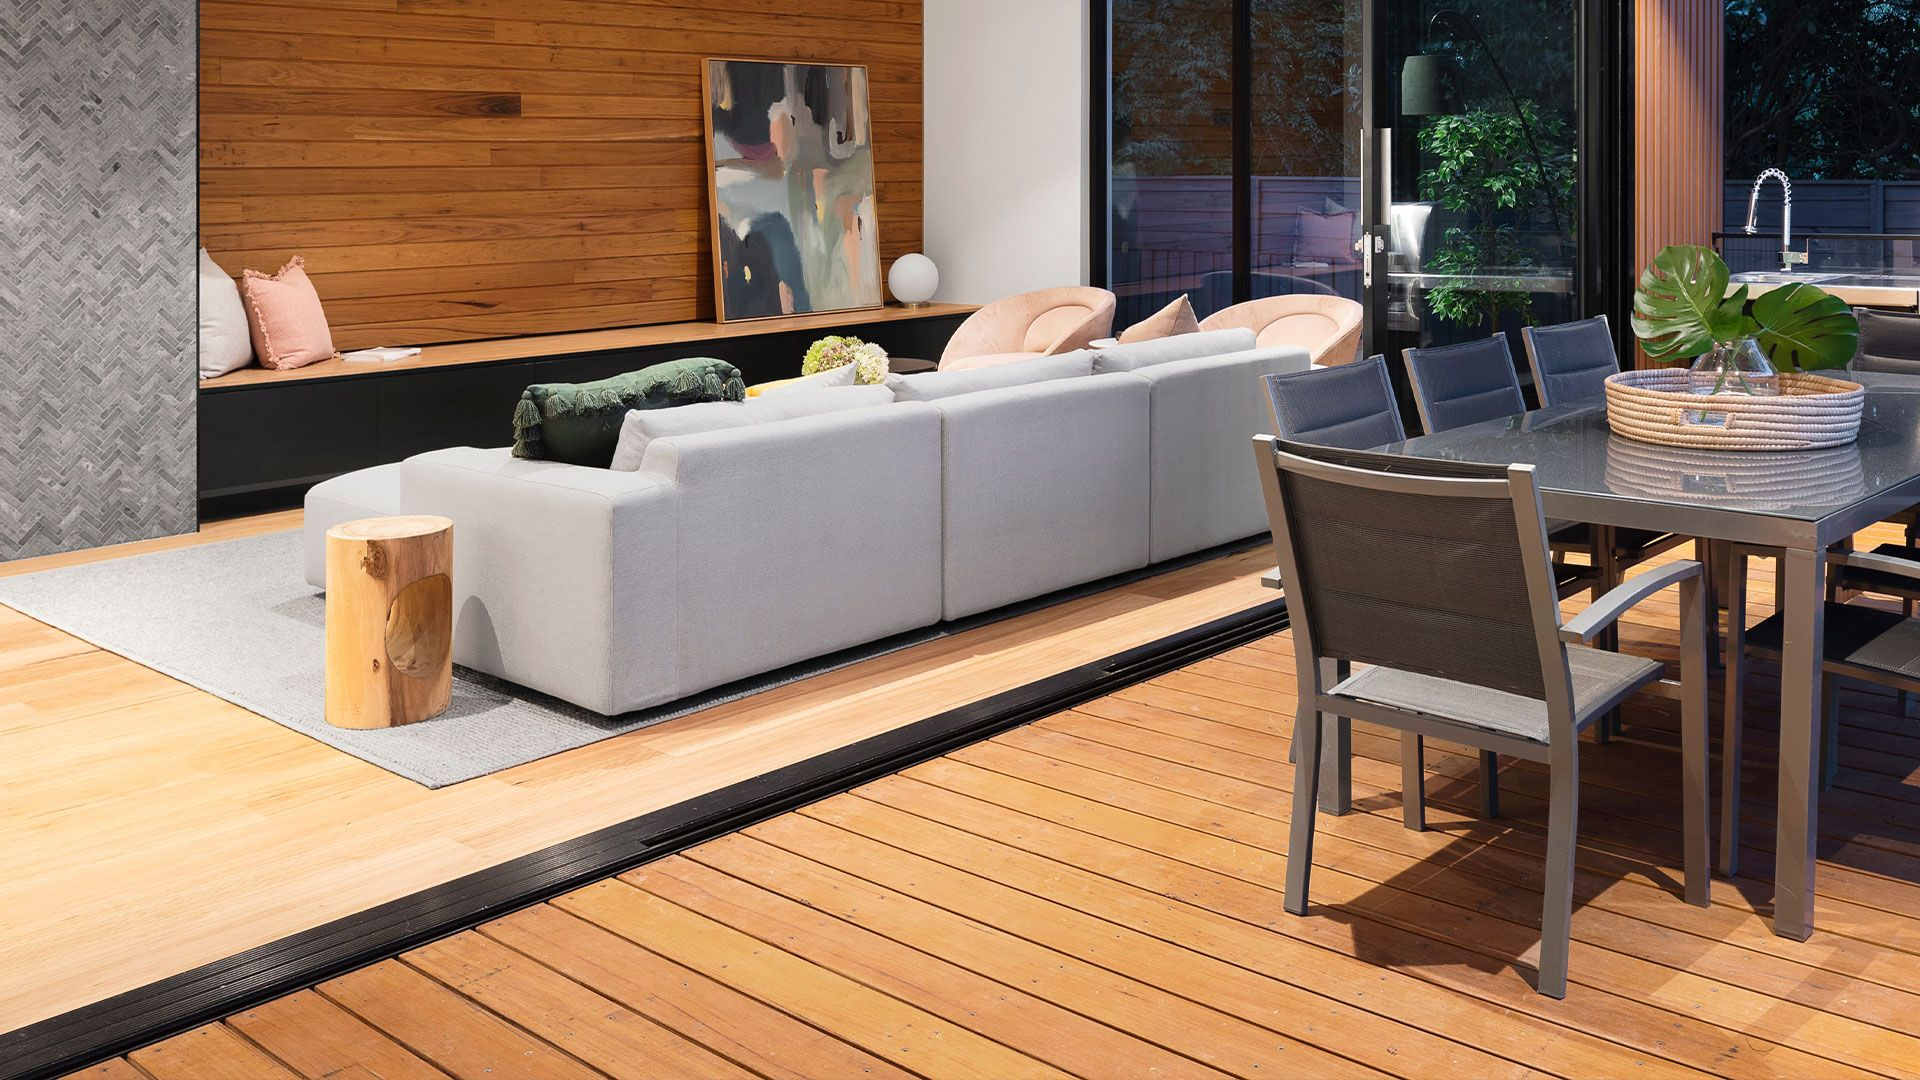 Instalación de suelo de madera en terraza